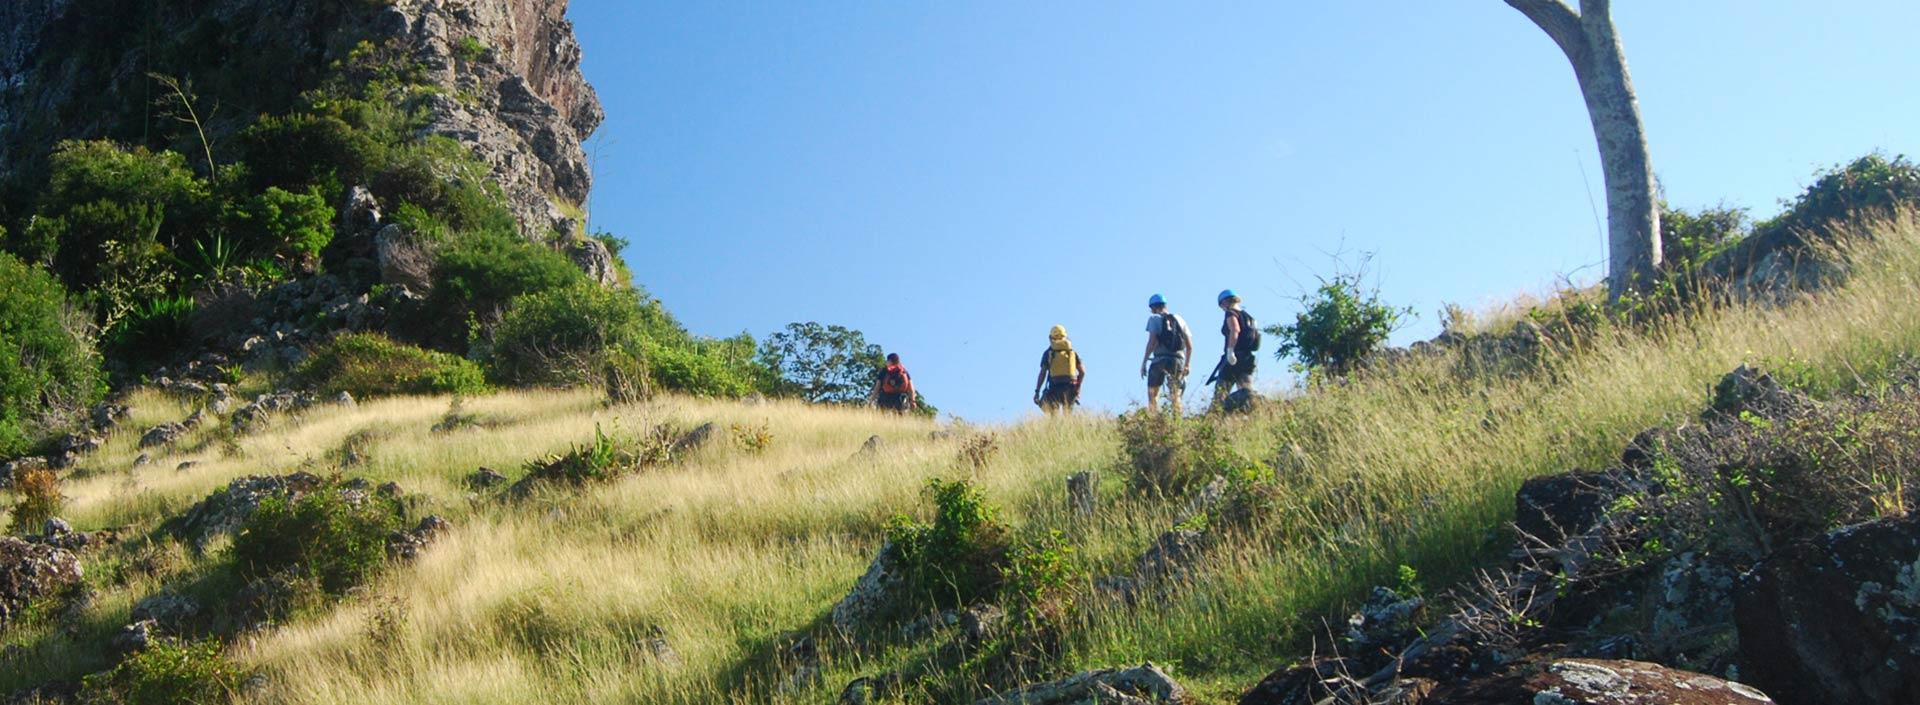 hiking-trekking-trail